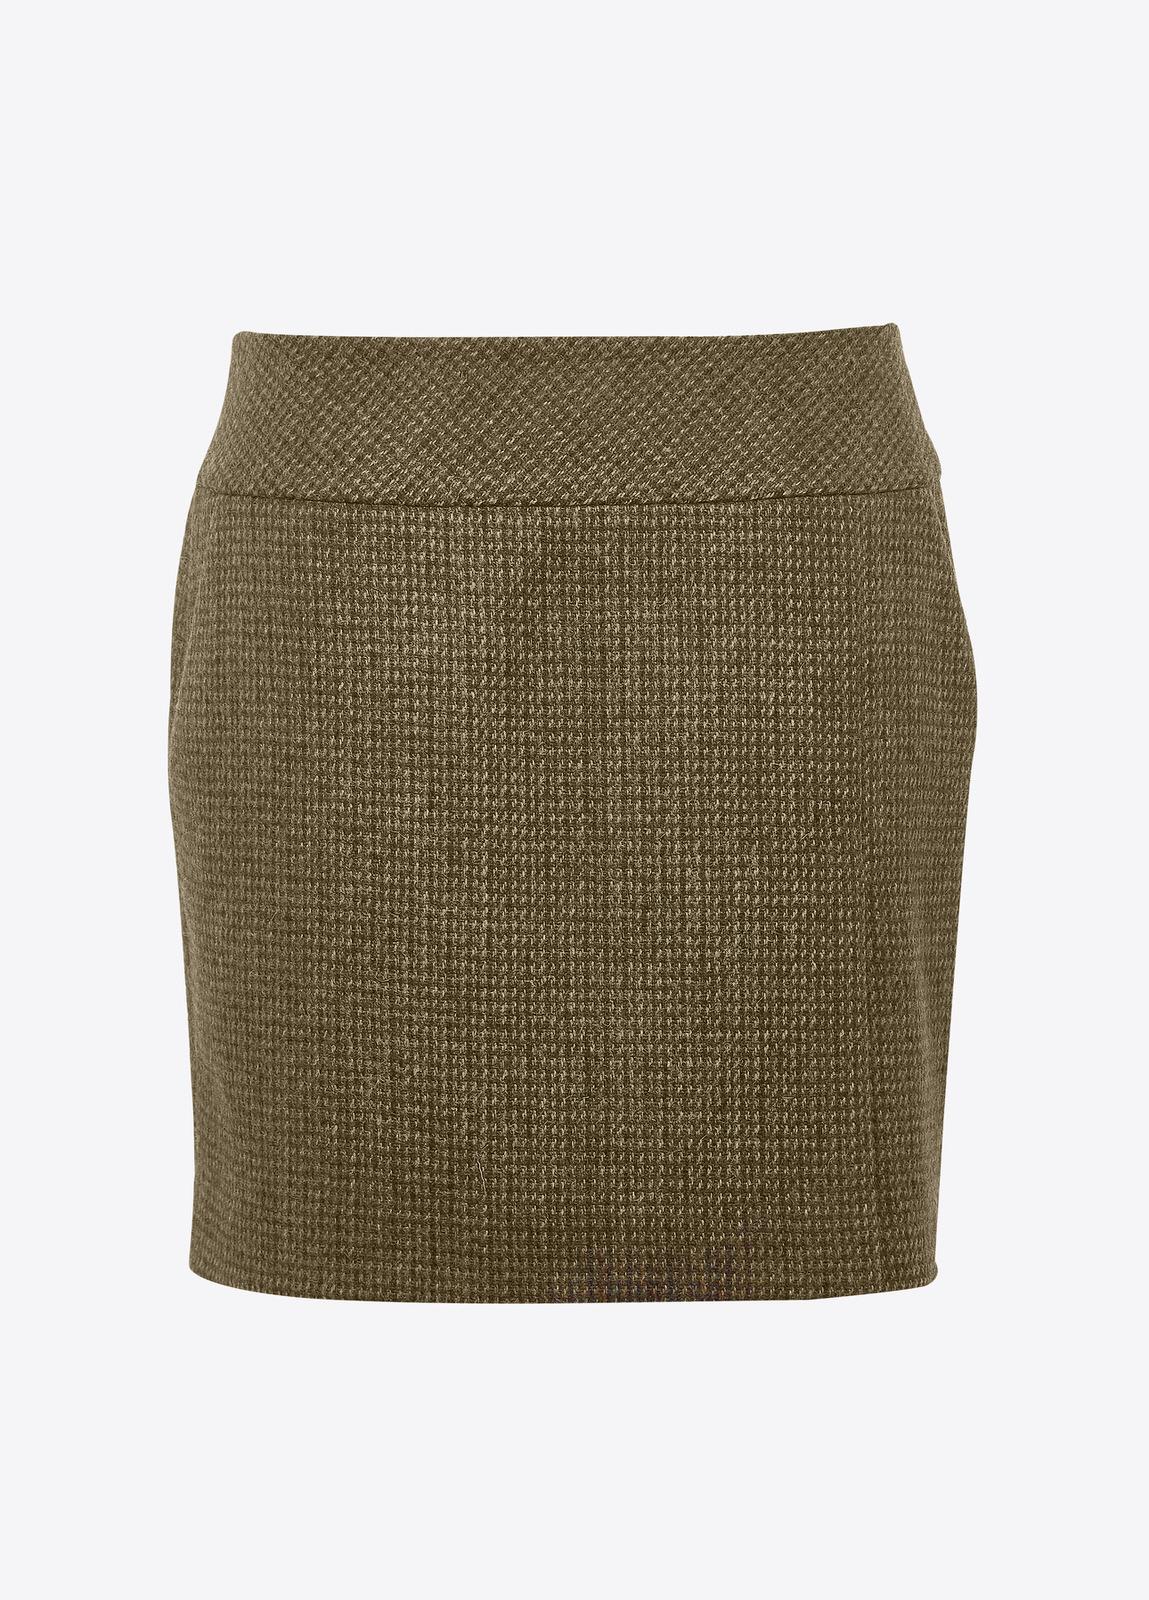 Bellflower Tweed Skirt - Heath